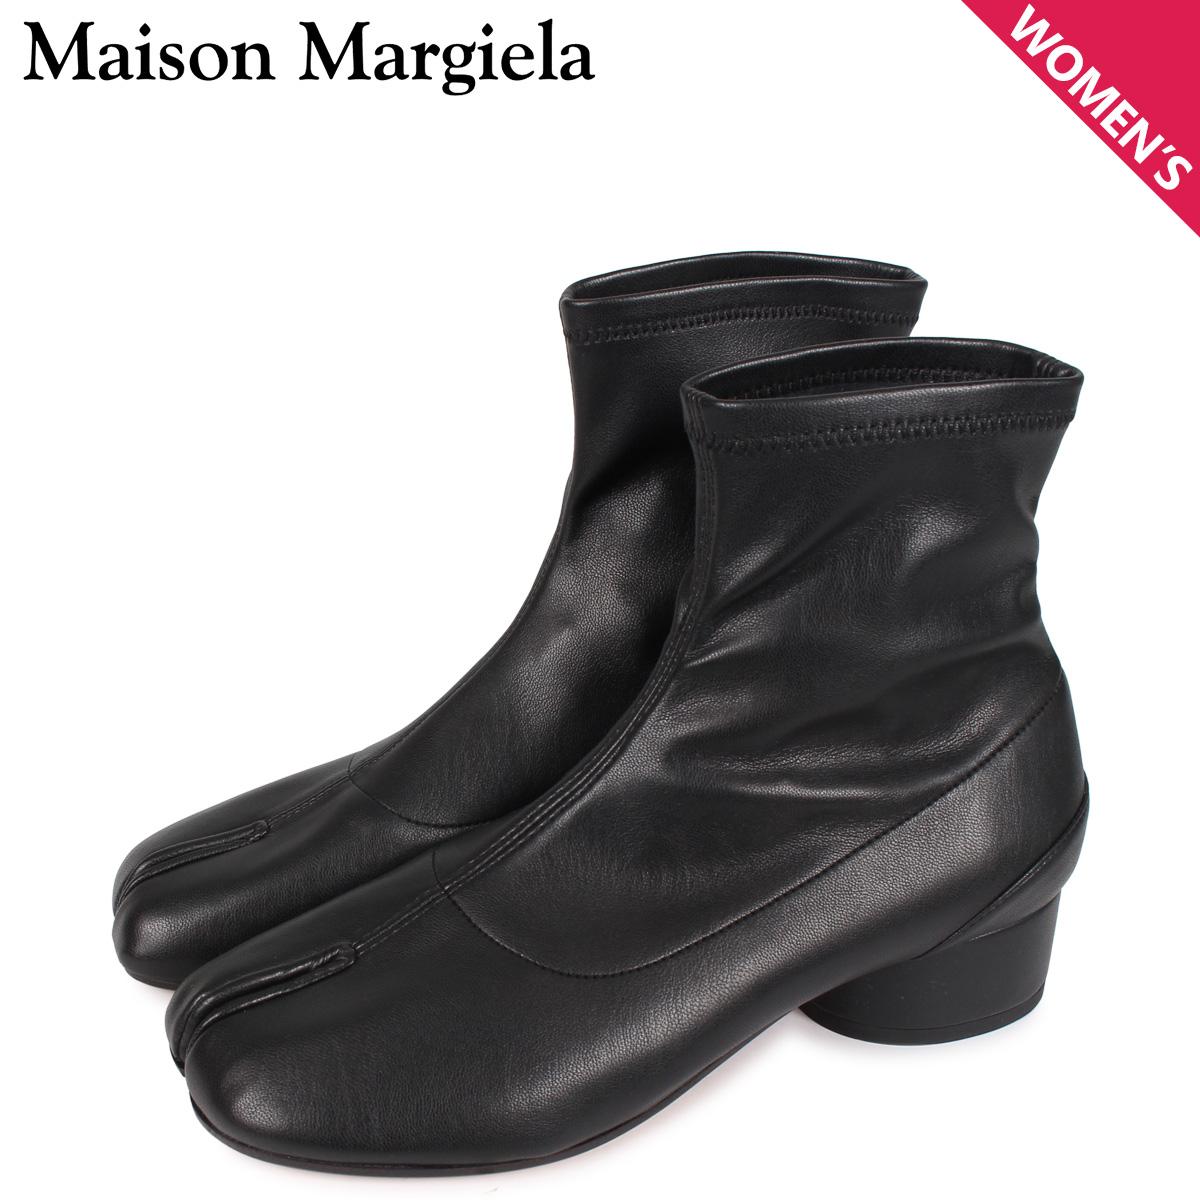 メゾンマルジェラ MAISON MARGIELA タビ アンクル ブーツ ブーツ ショートブーツ レディース TABI ANKLE BOOT ブラック 黒 S58WU0270 [4/6 新入荷]